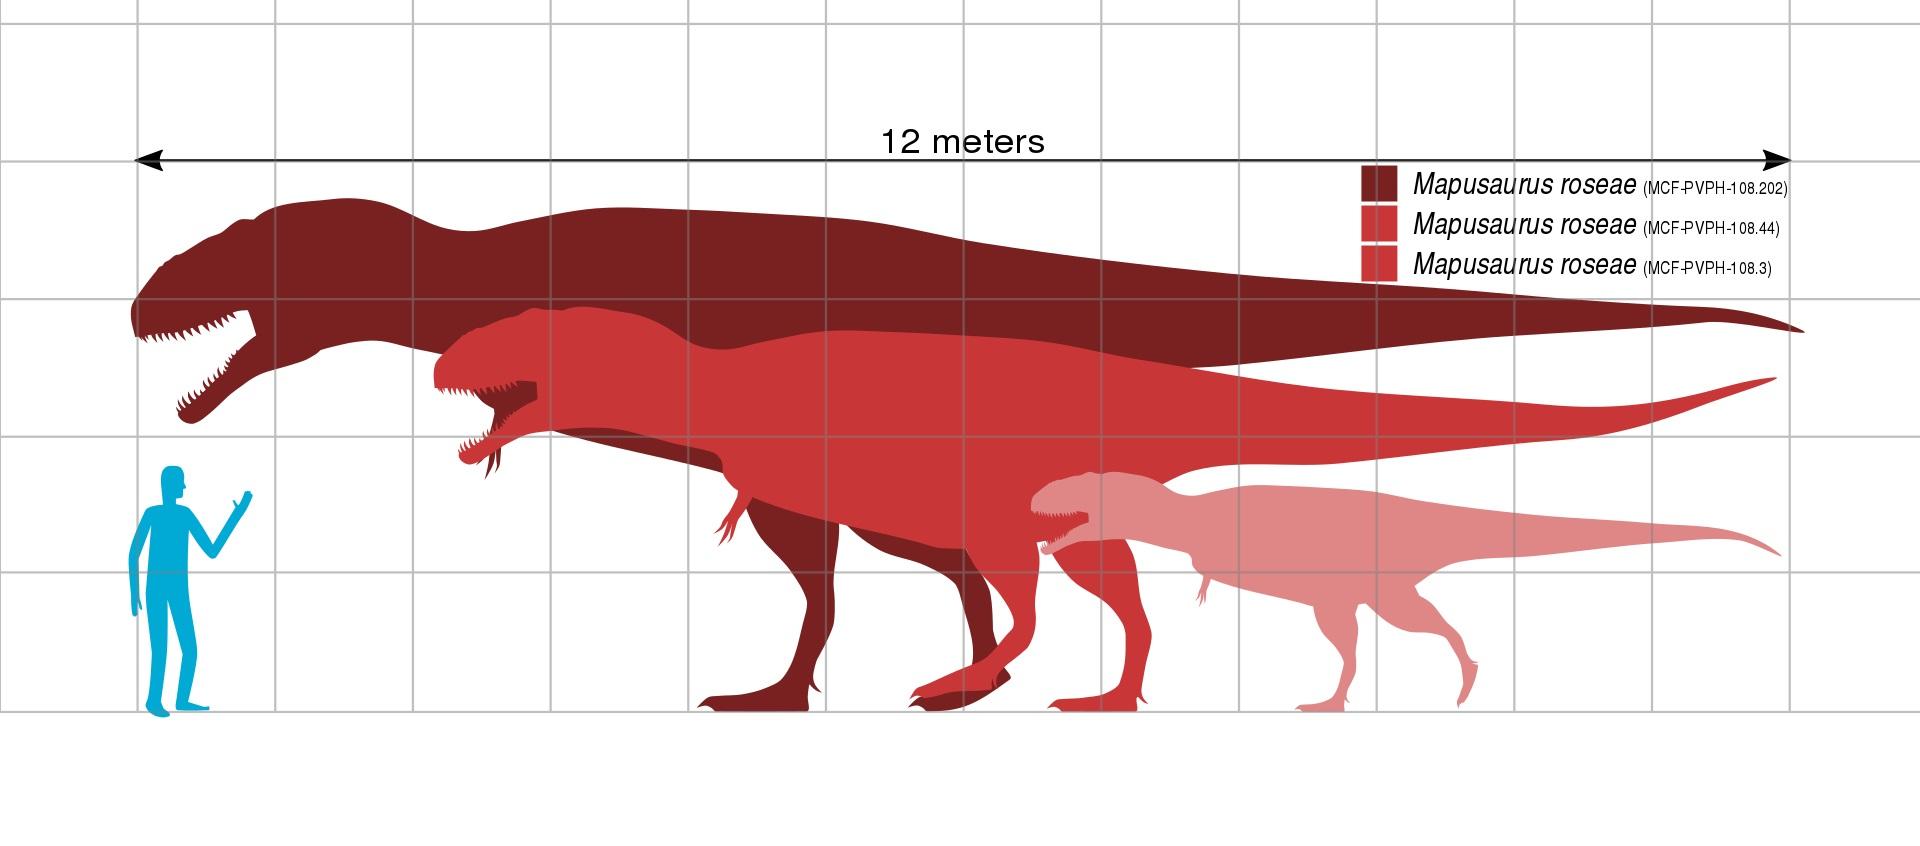 Mapusauři patřili k tzv. megateropodům, tedy obřím zástupcům skupiny Theropoda, kteří dosahovali délky nad 12 metrů a hmotnosti v řádu tun. Největší jedinci se velikostí blížili dalšímu obřímu karcharodontosauridovi z Argentiny, druhu Giganotosaurus